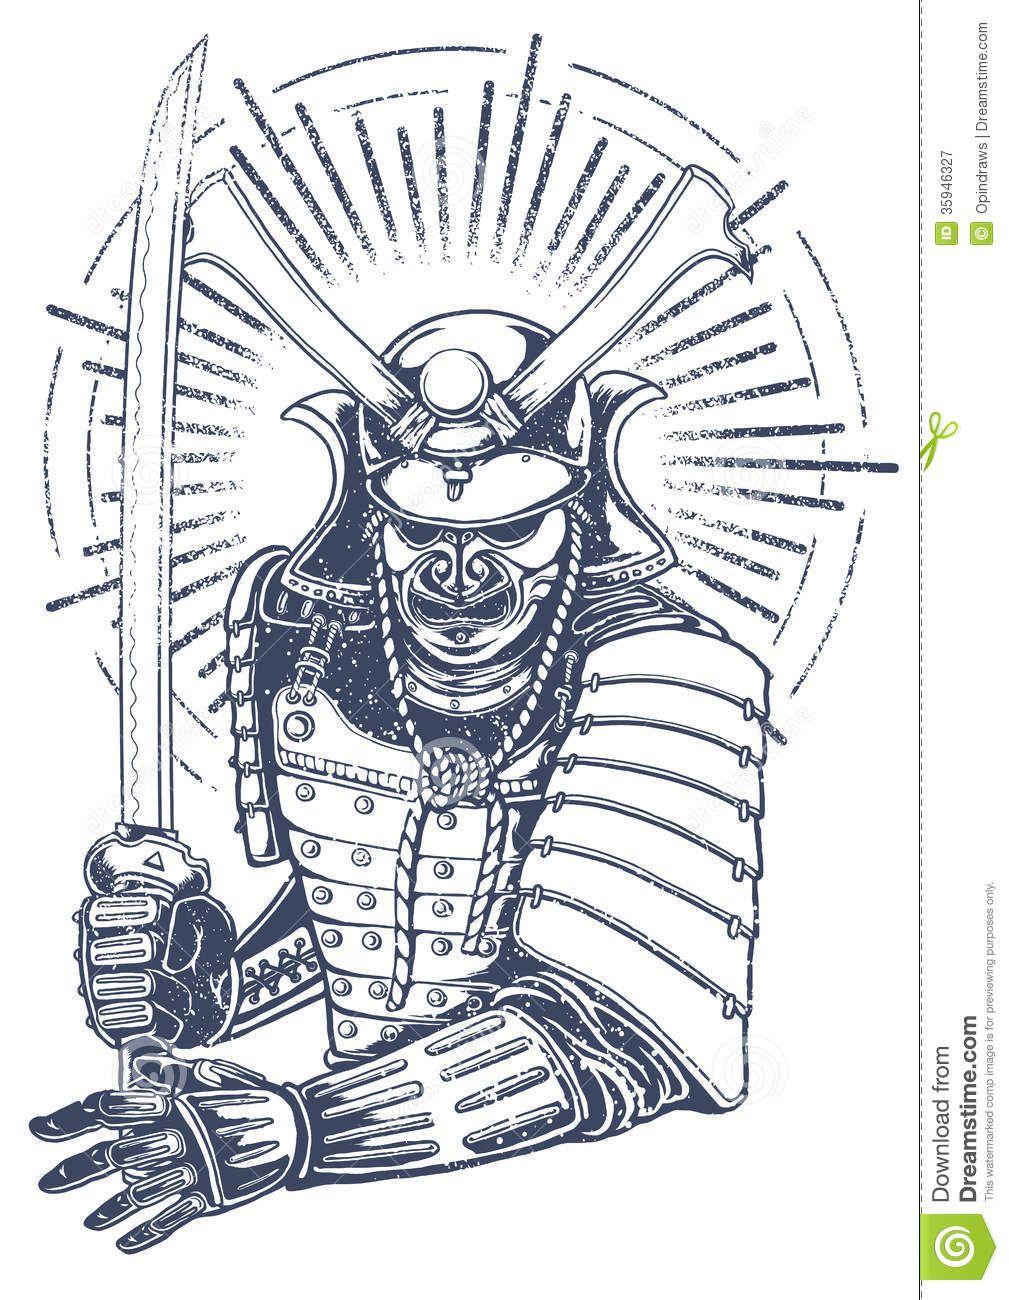 samurai Drawings - Pesquisa Google | SAMURAIS SKETCHBOOK ...